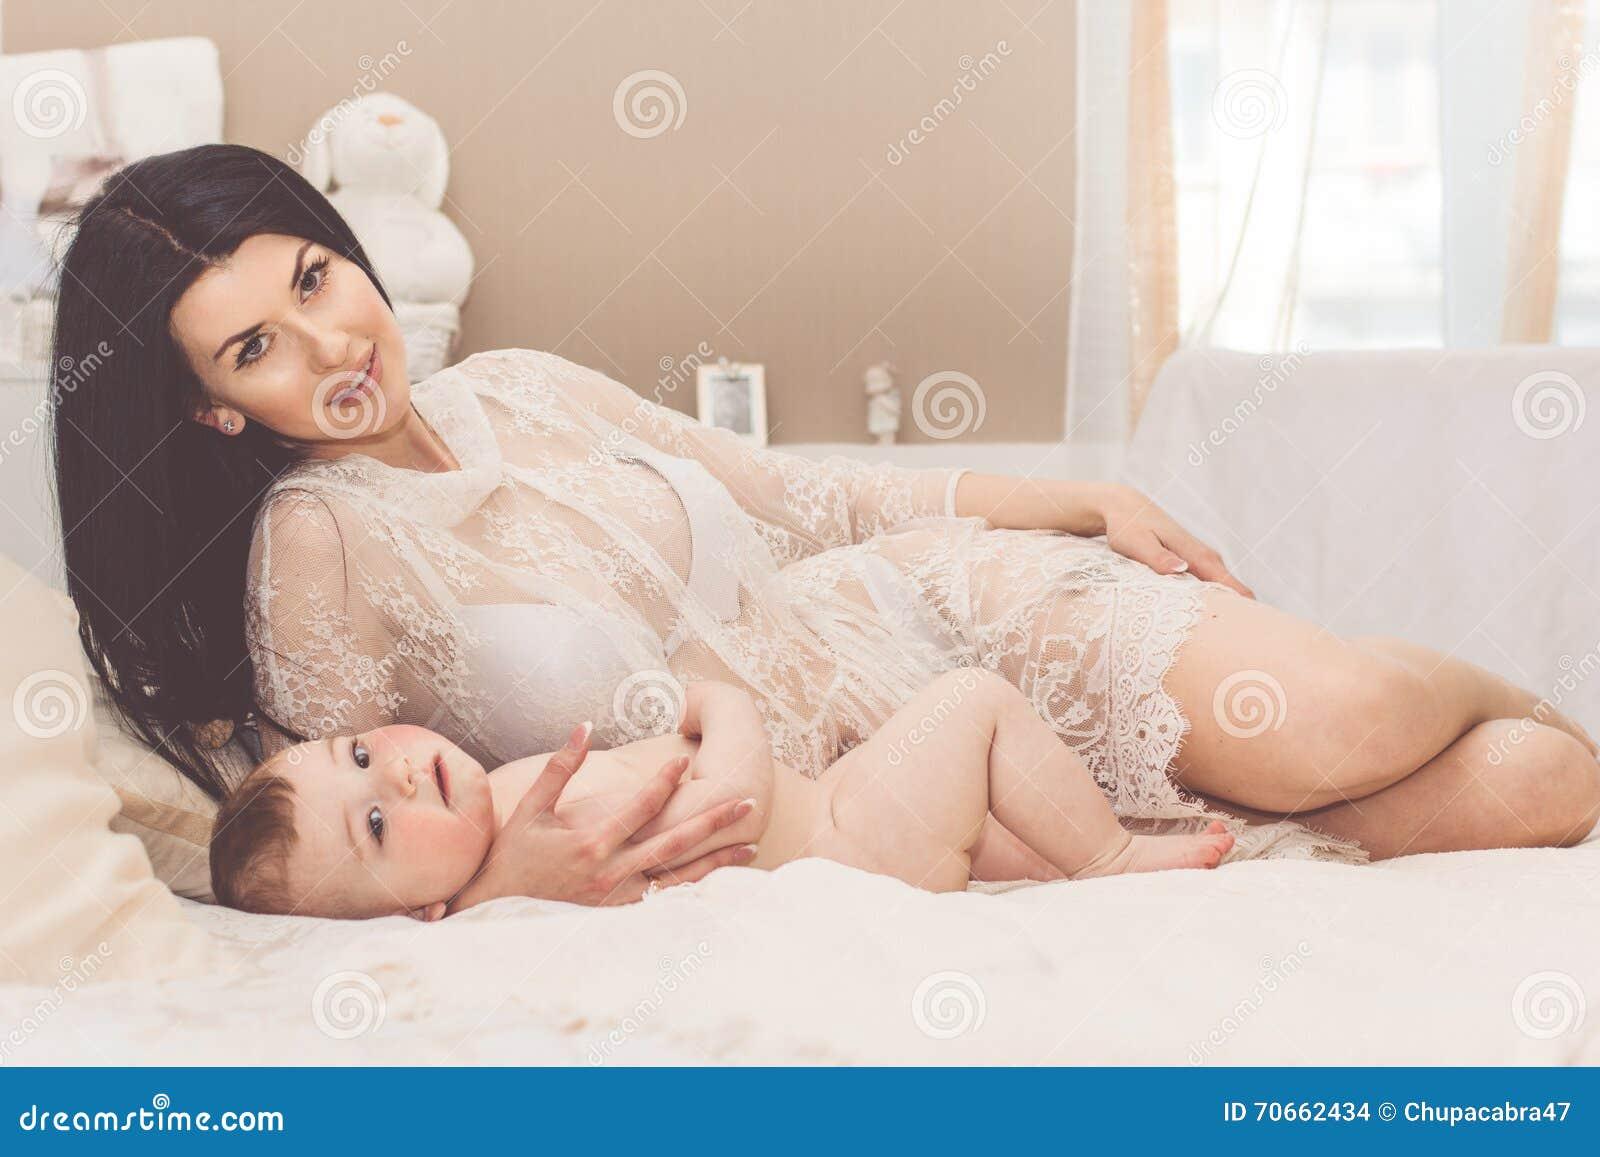 Секс мамы с сыном в спальне, Реальное русское онлайн видео секса матери с сыном 1 фотография